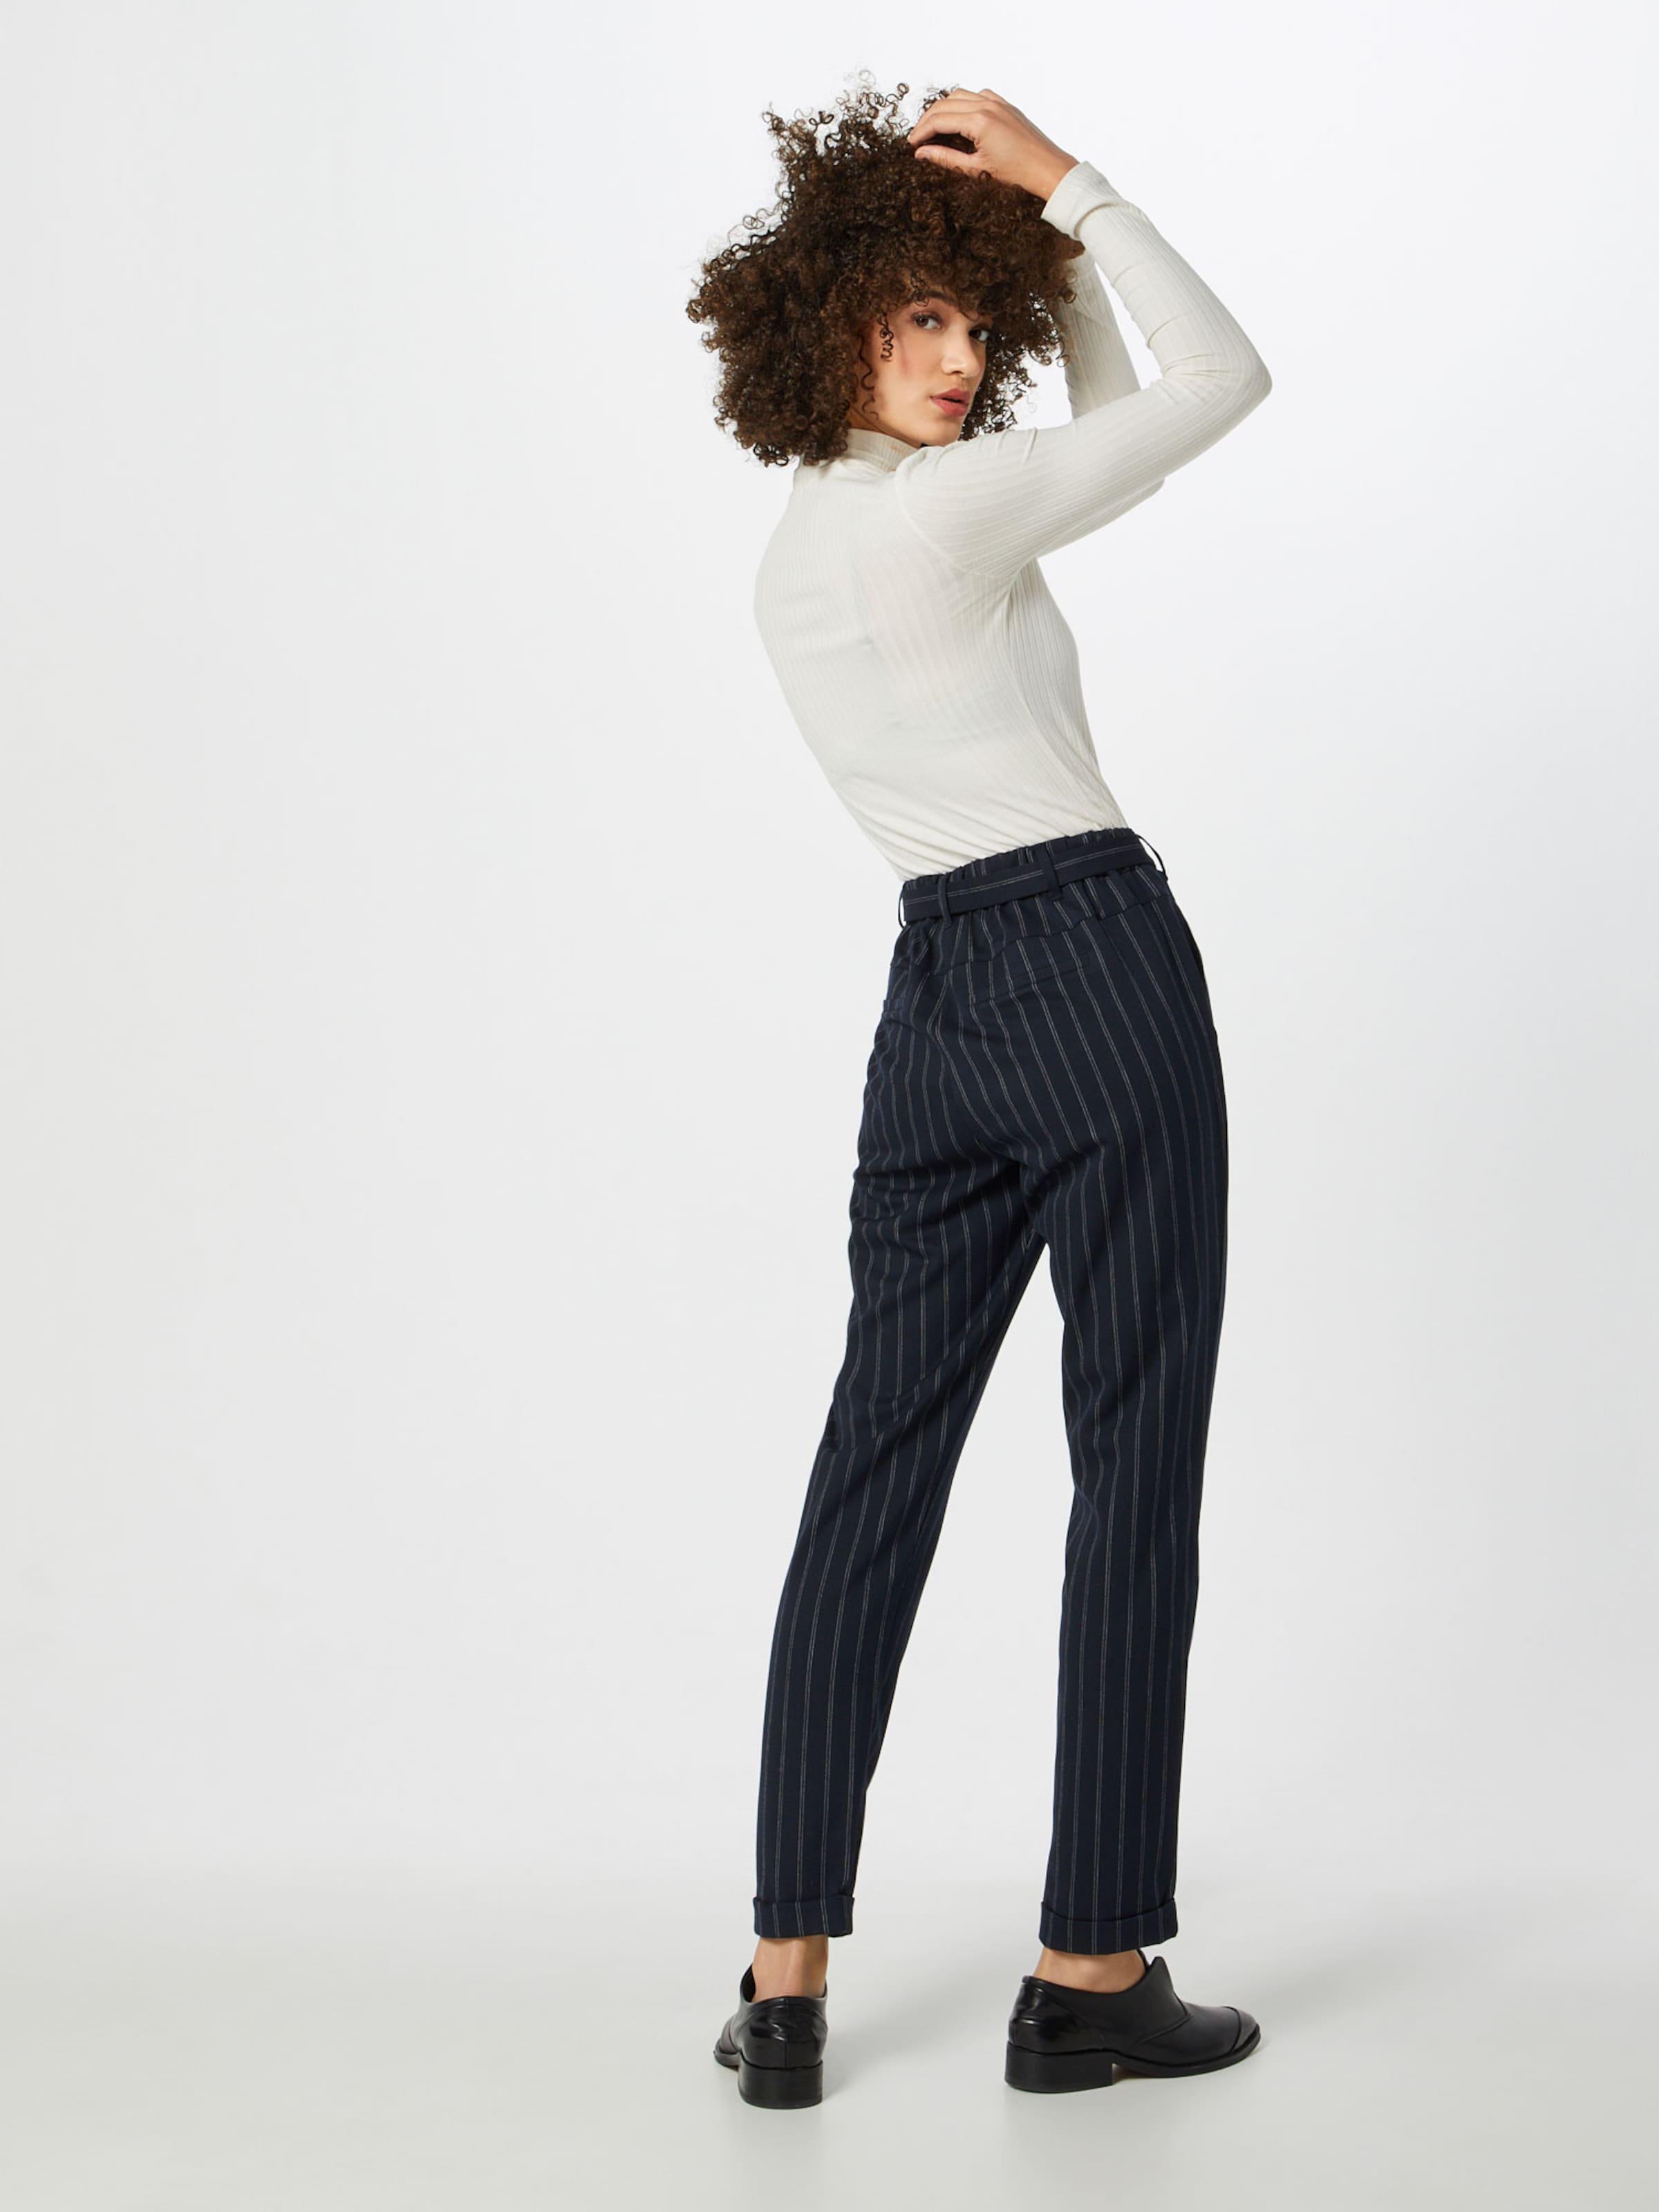 Belt Marine Pantalon En Kaffe 'ulla Pants' eYHIWED29